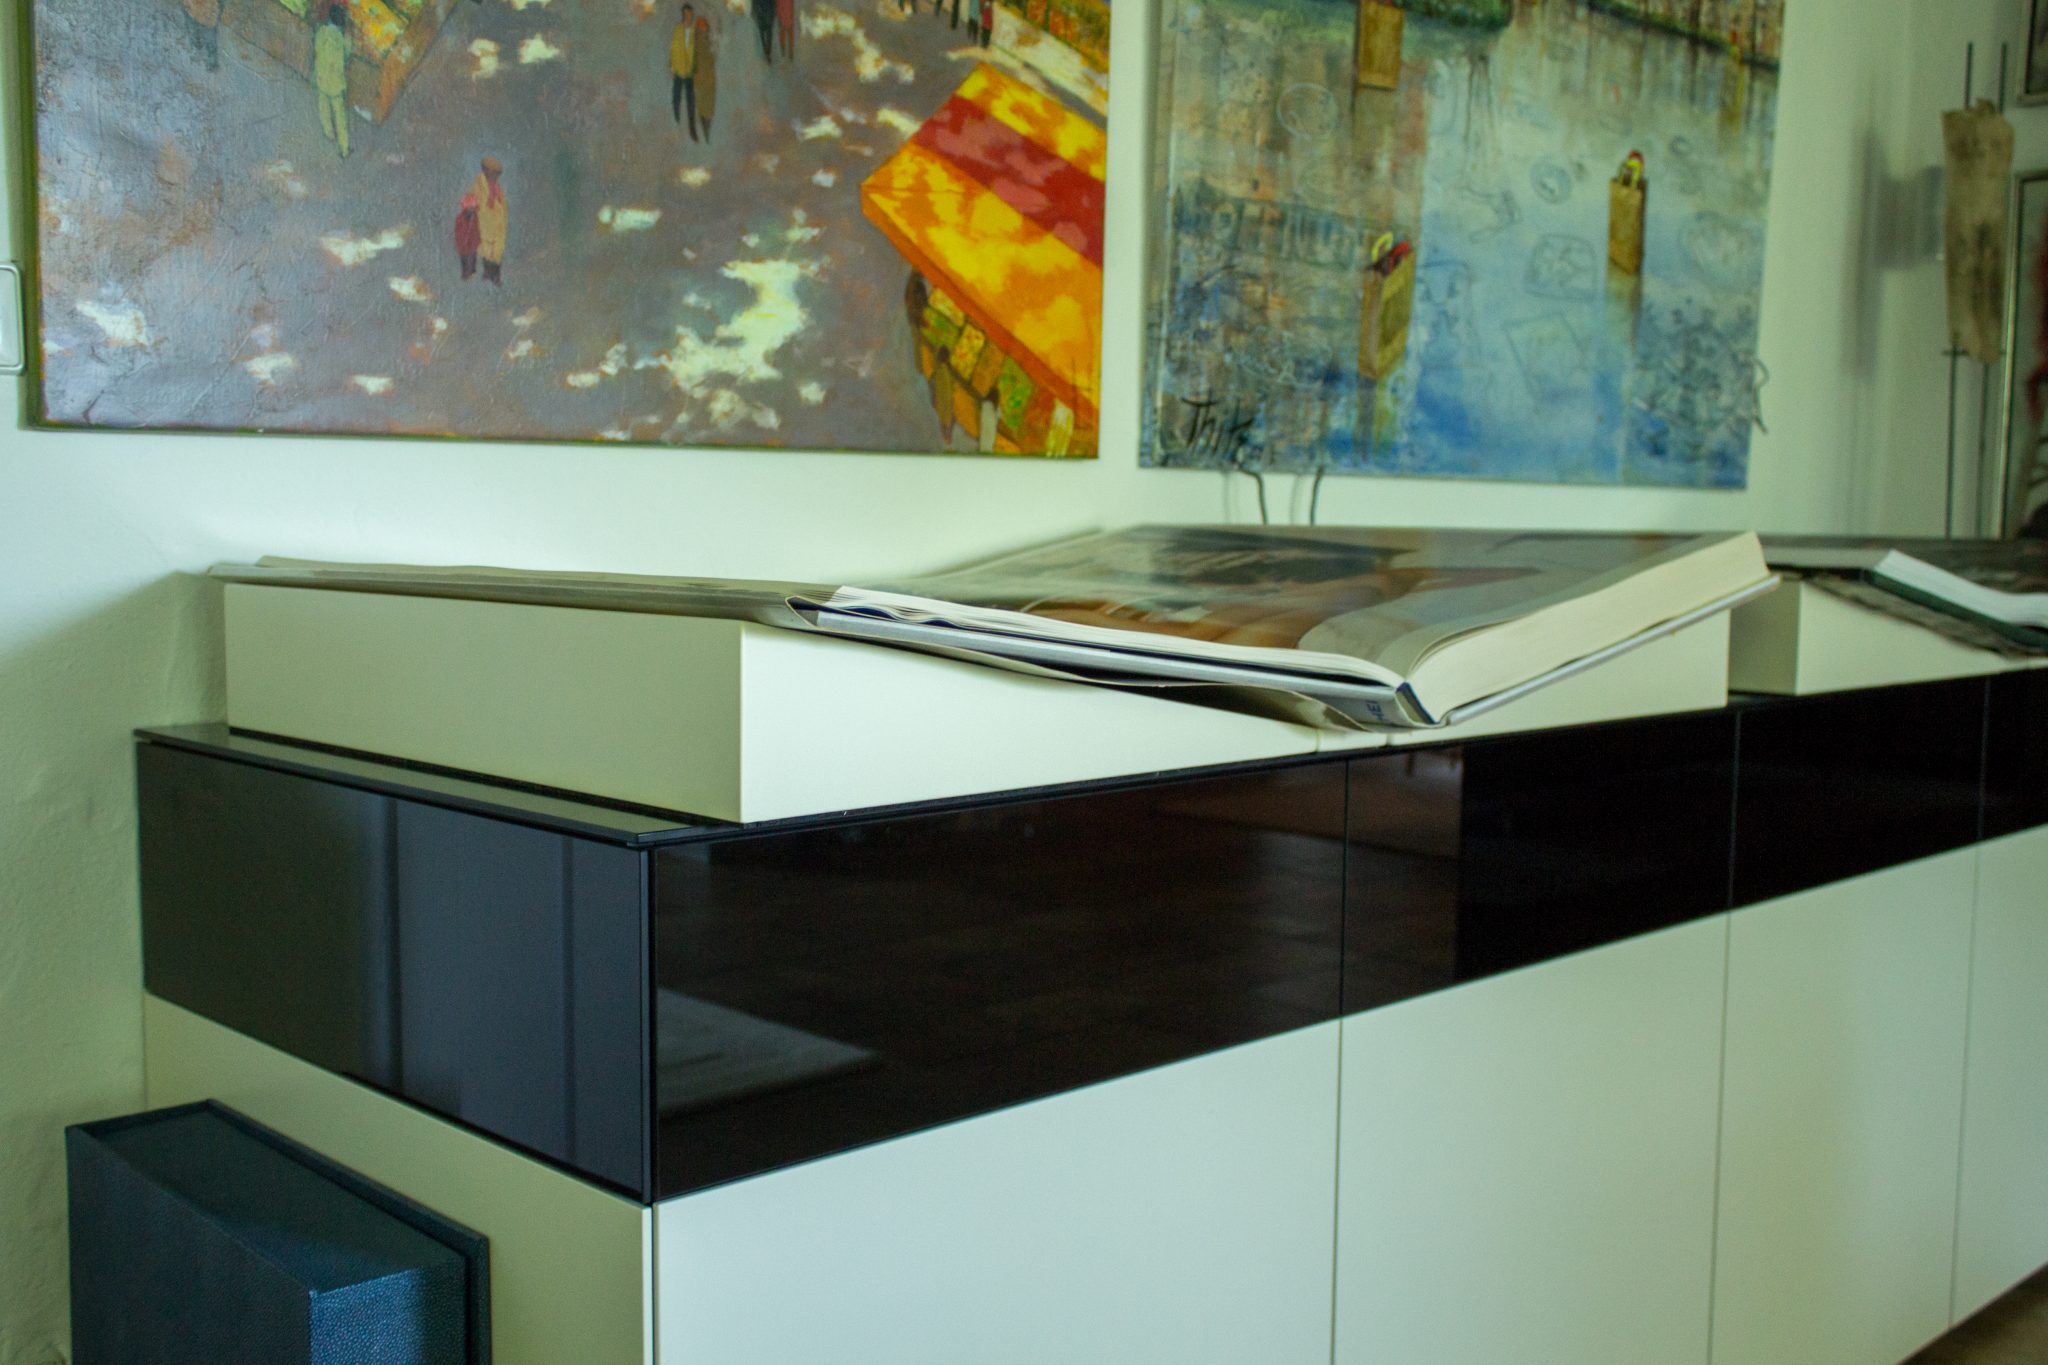 Aufgeschlagene übergroße Bücher, die auf einem schwarz-weißen Schränkchen liegen. Die Buchstützen sind von der Schreinerei maßgefertigt.